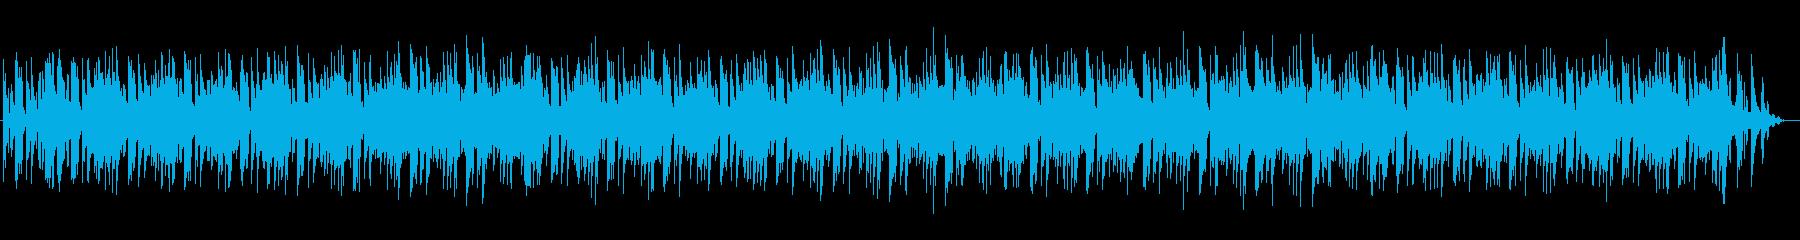 三味線や鈴の音がアクセントの和風サウンドの再生済みの波形